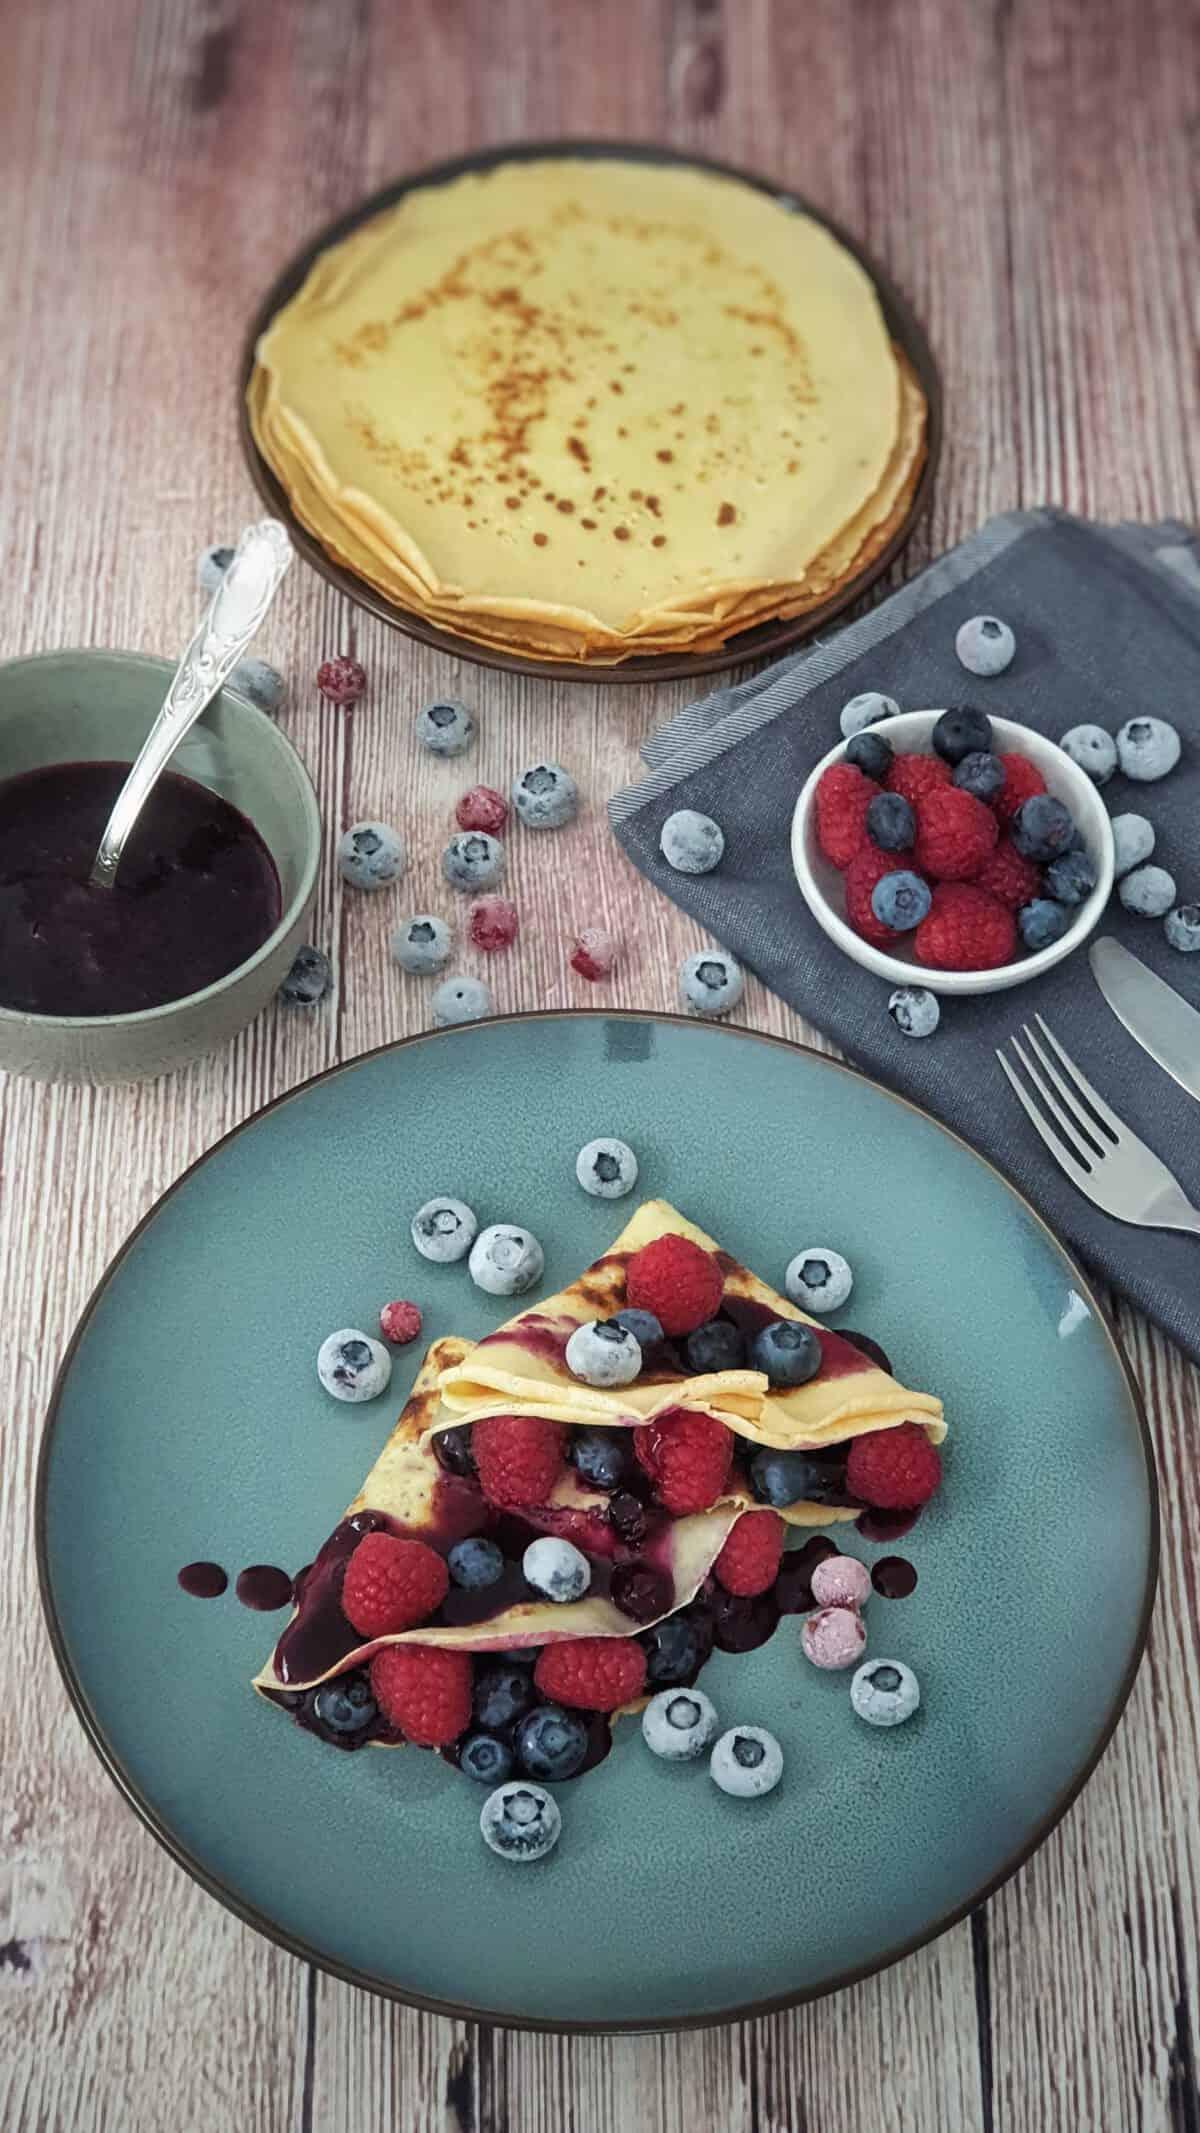 Auf einem blauen Teller ein Crêpes gefüllt mit Früchten und Heidelbeer Kompott.